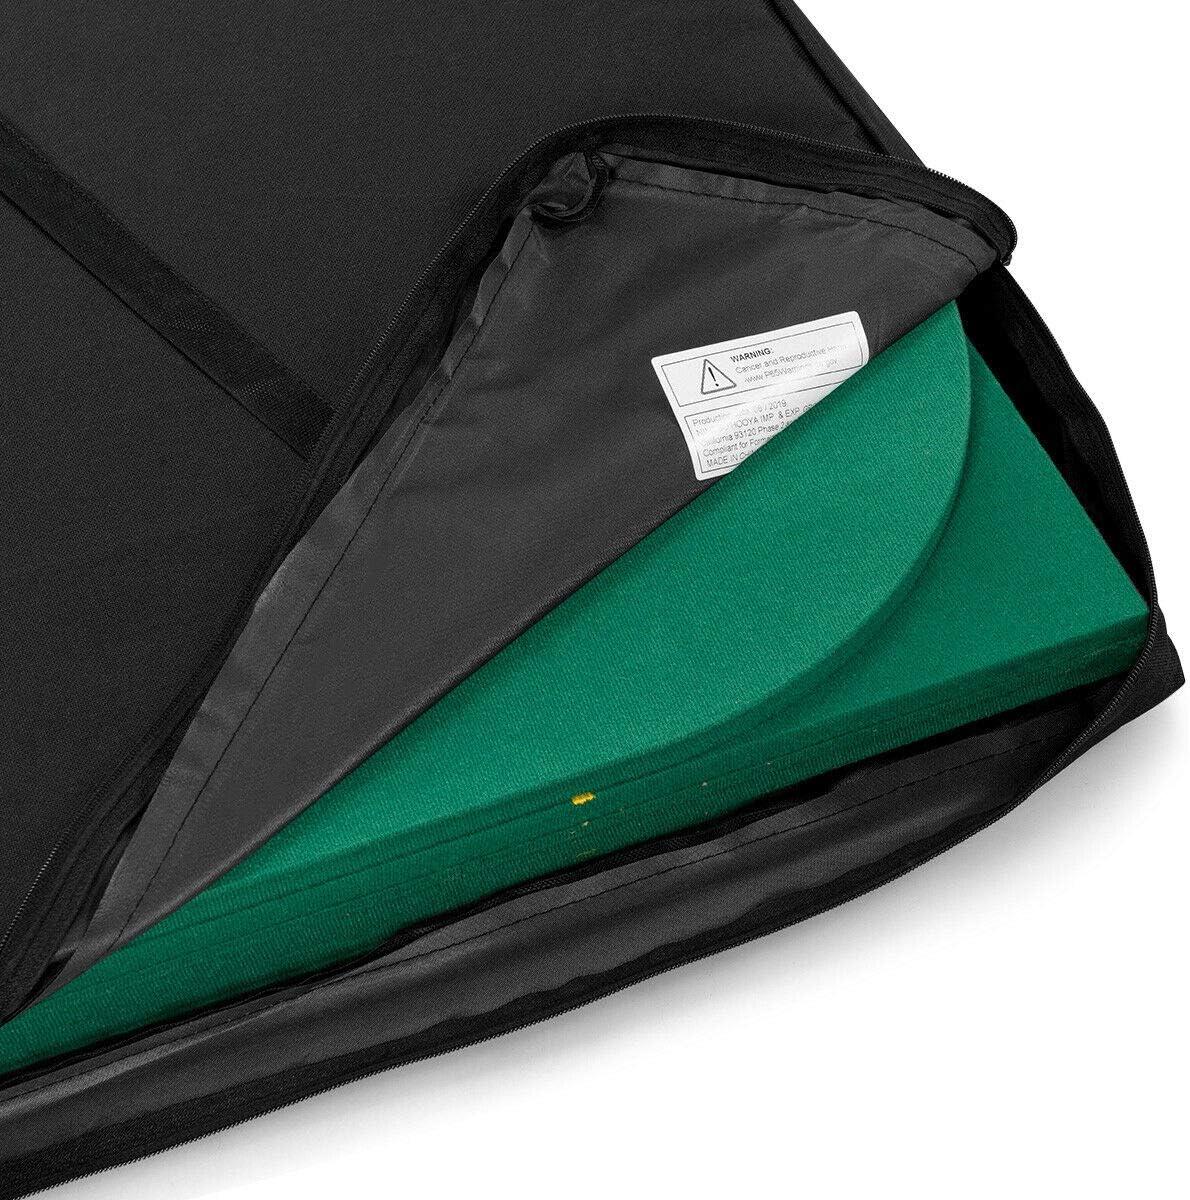 Giantex 8 Player Poker Mat Casino Blackjack Portable Rubber Non-Slip Poker Table Top w//Carrying Bag for Poker Games